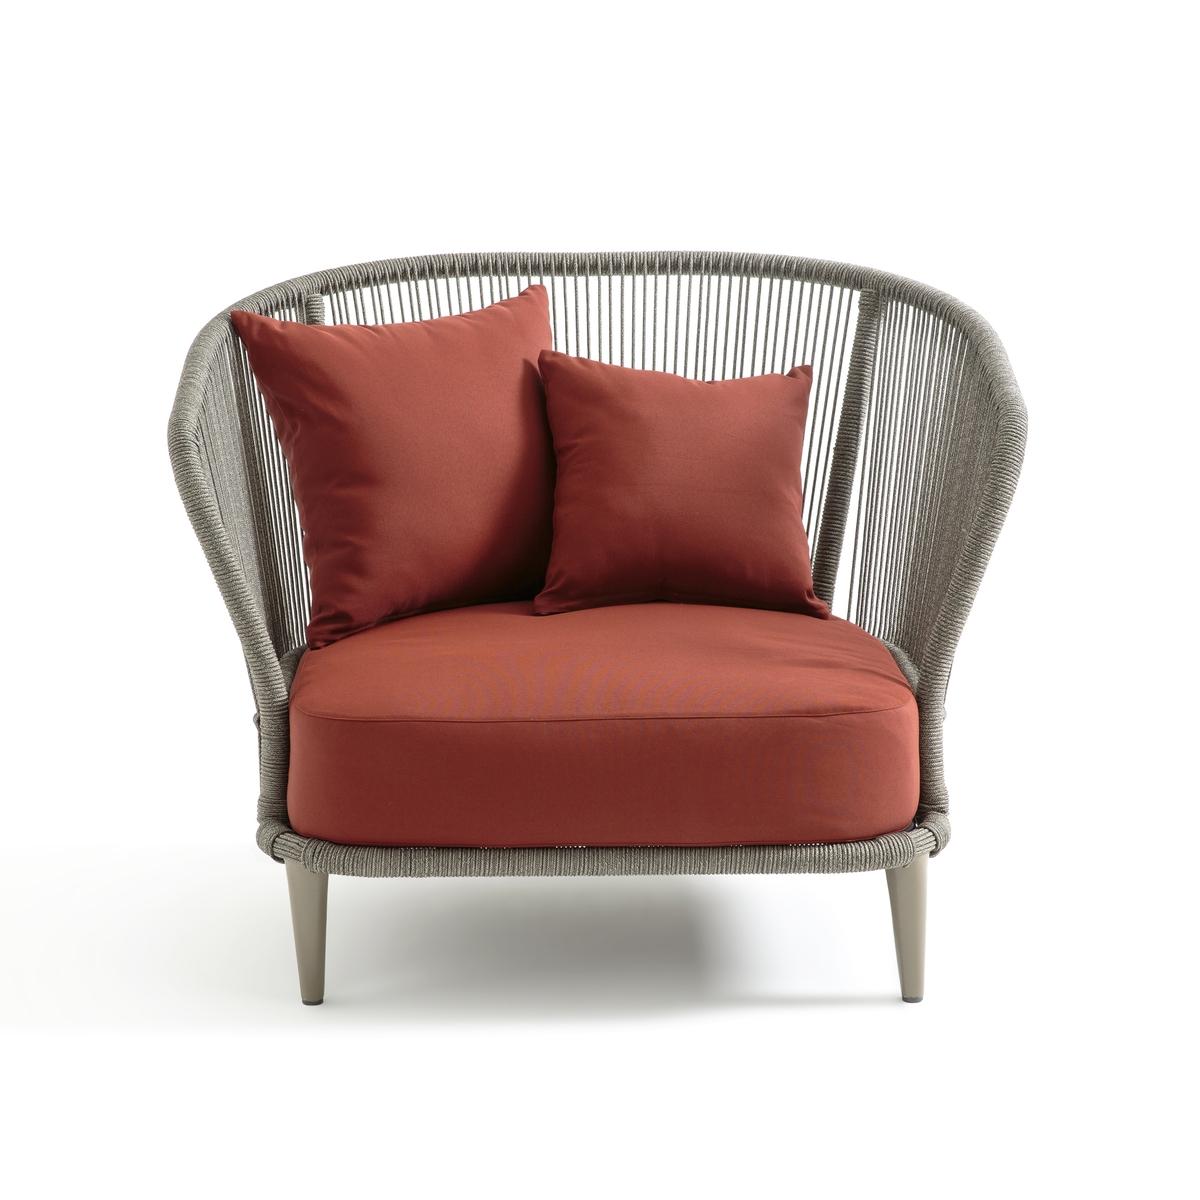 Кресло La Redoute Для сада дизайн Э Галлины Cestino единый размер каштановый